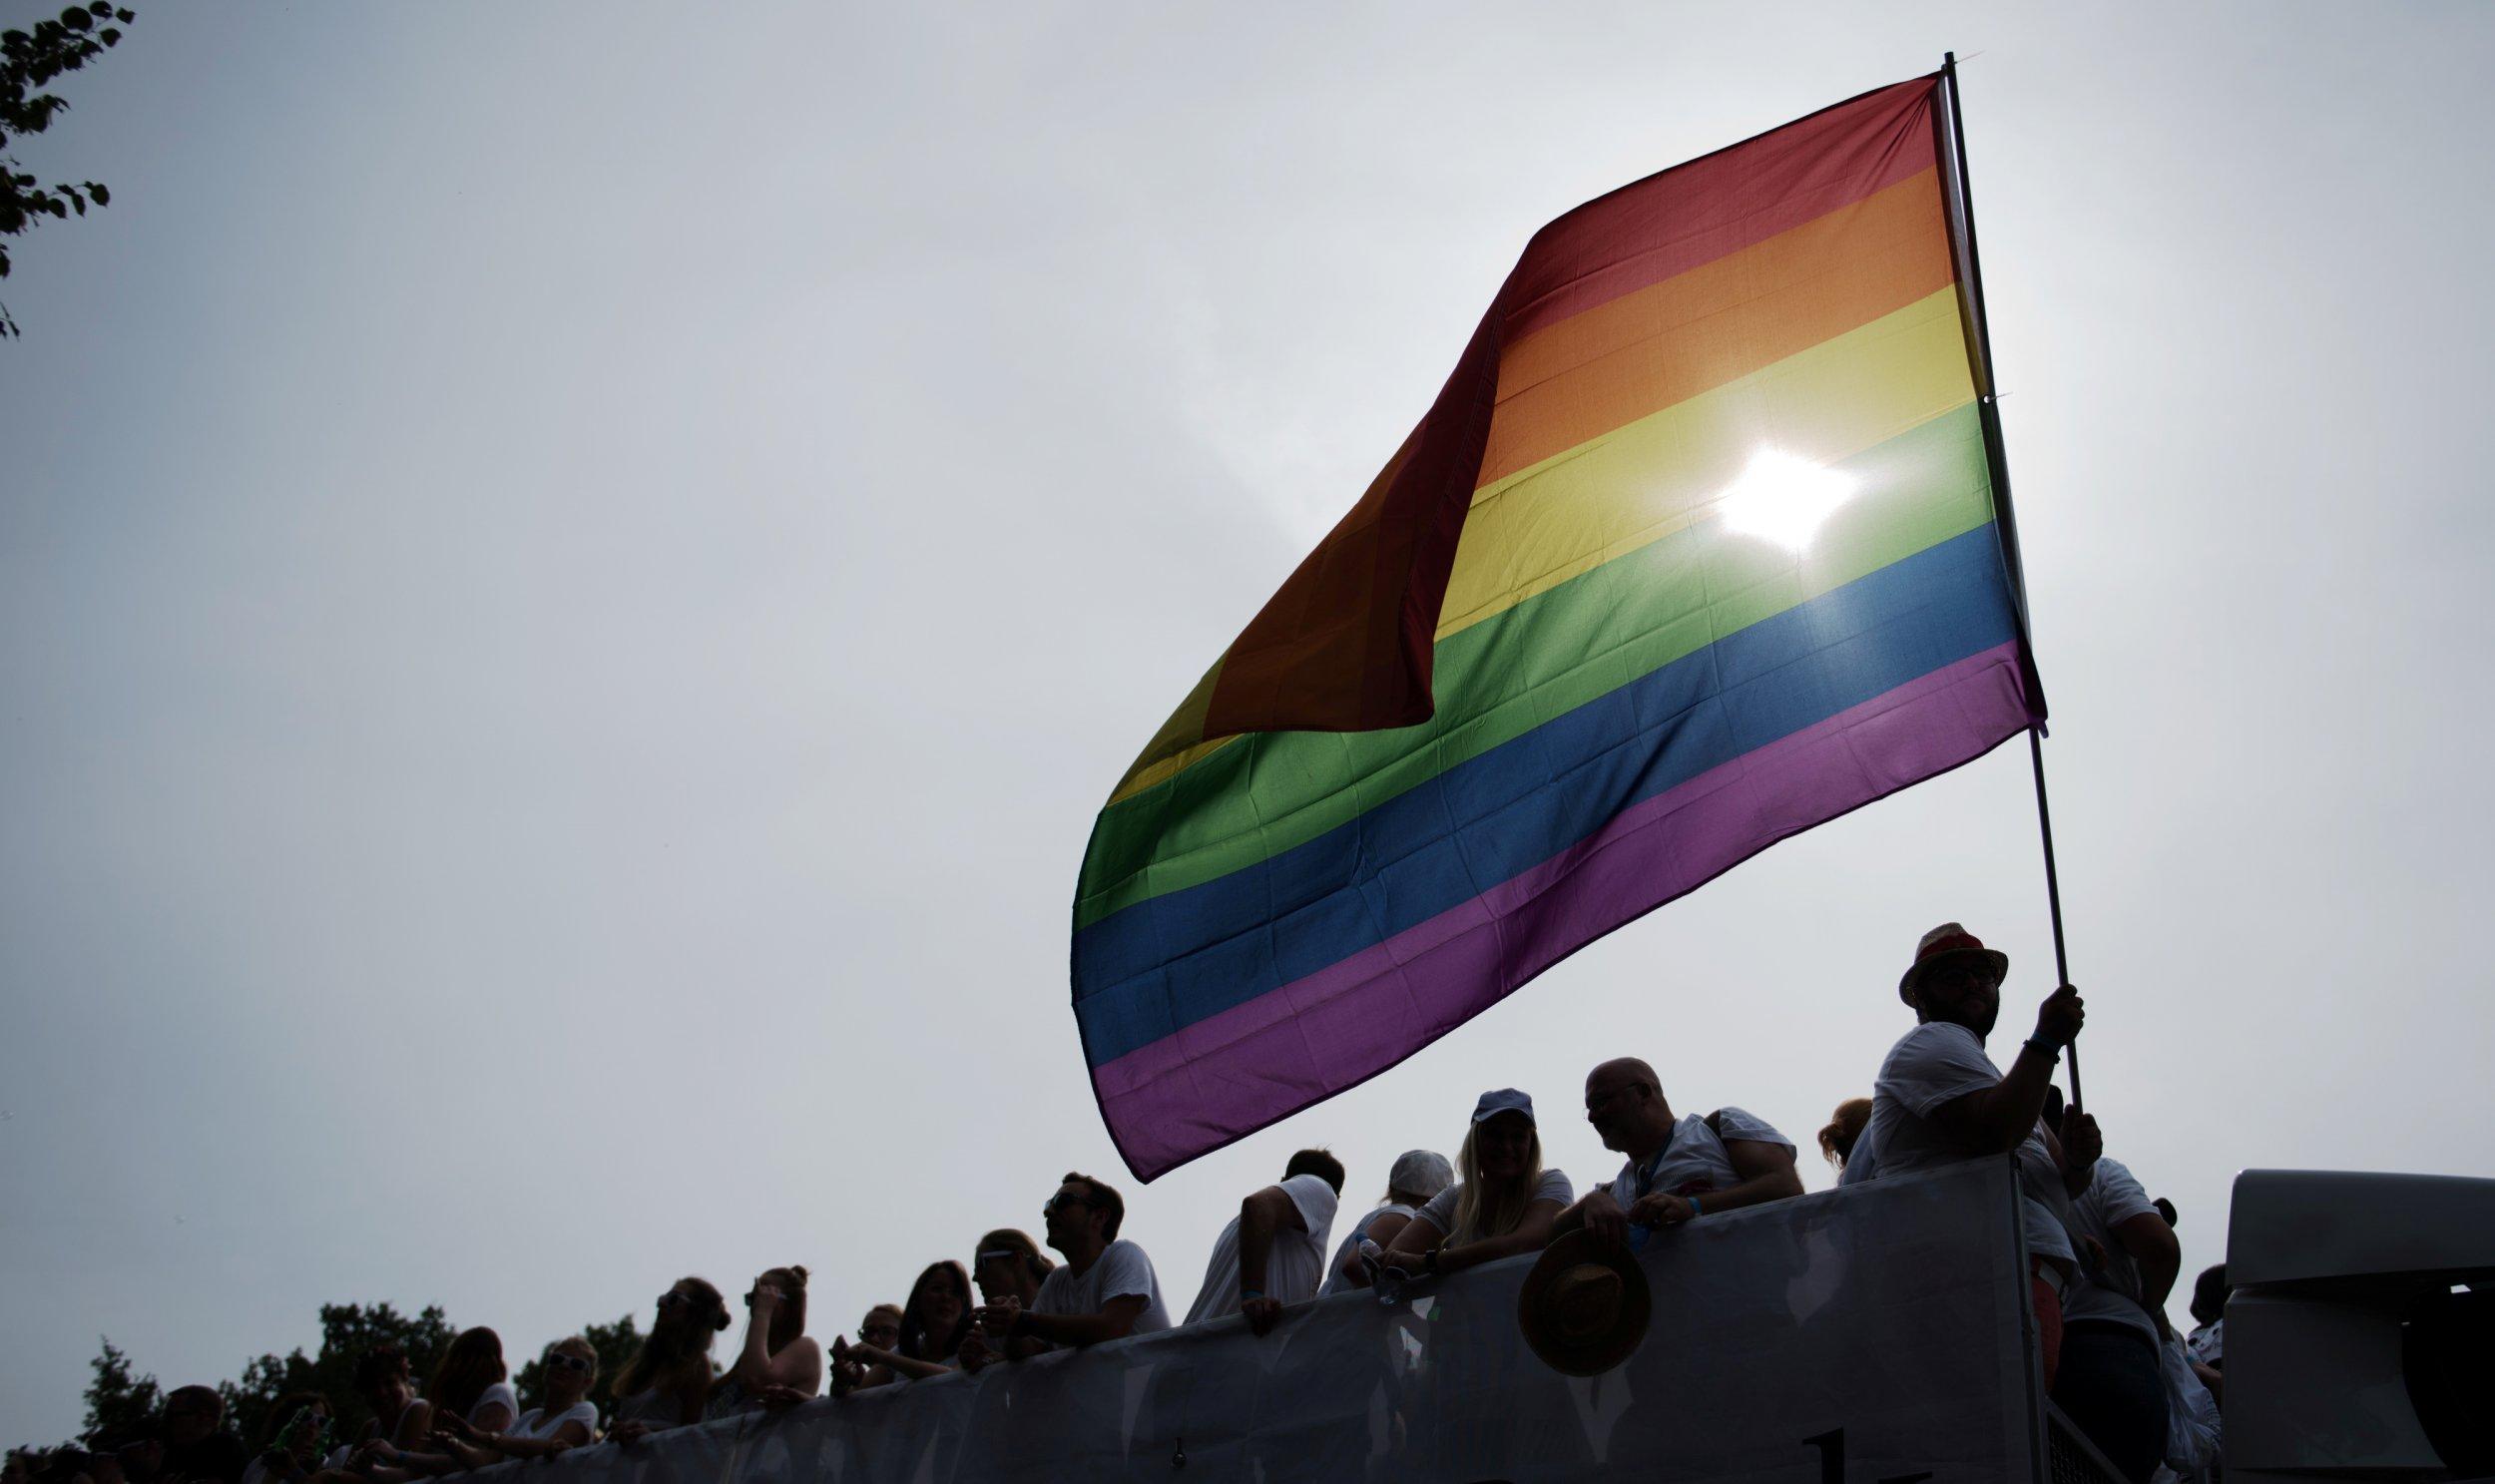 Germany Pride Flag